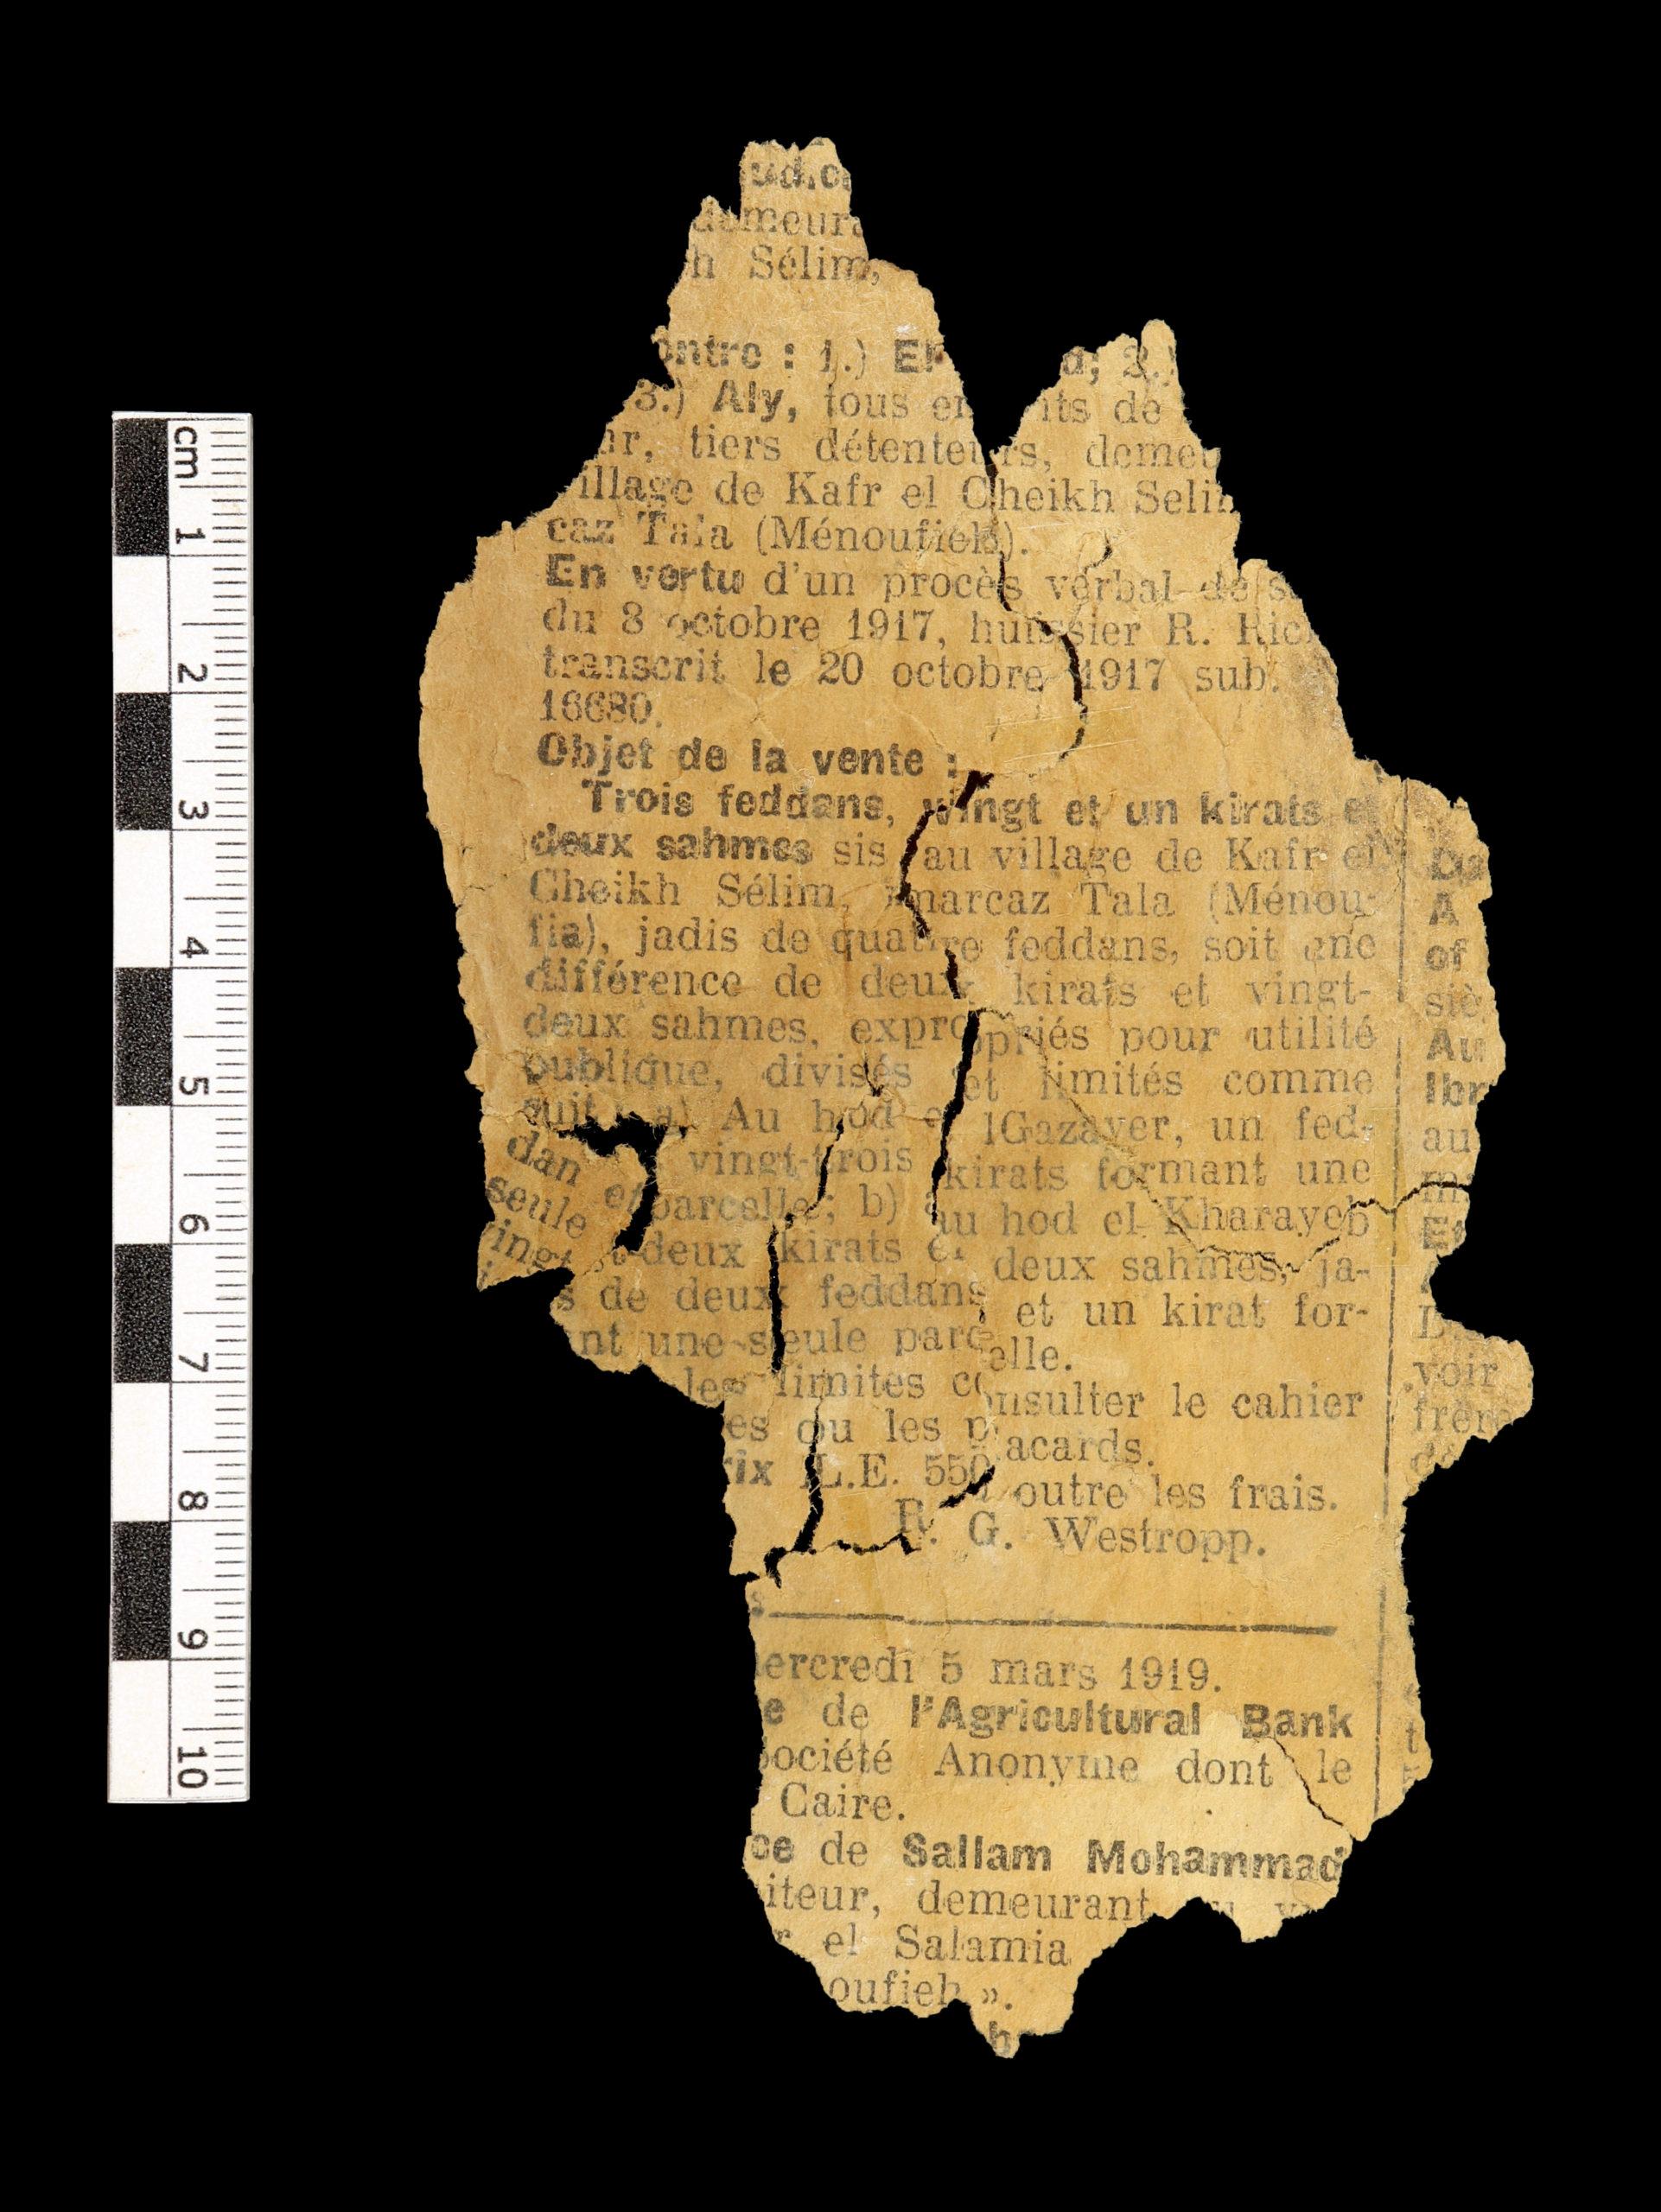 Photographie du fragment de journal découvert en contexte archéologique. Assassif 2018, US 1045-05, côté A. Photo Garance Clapuyt, 2019